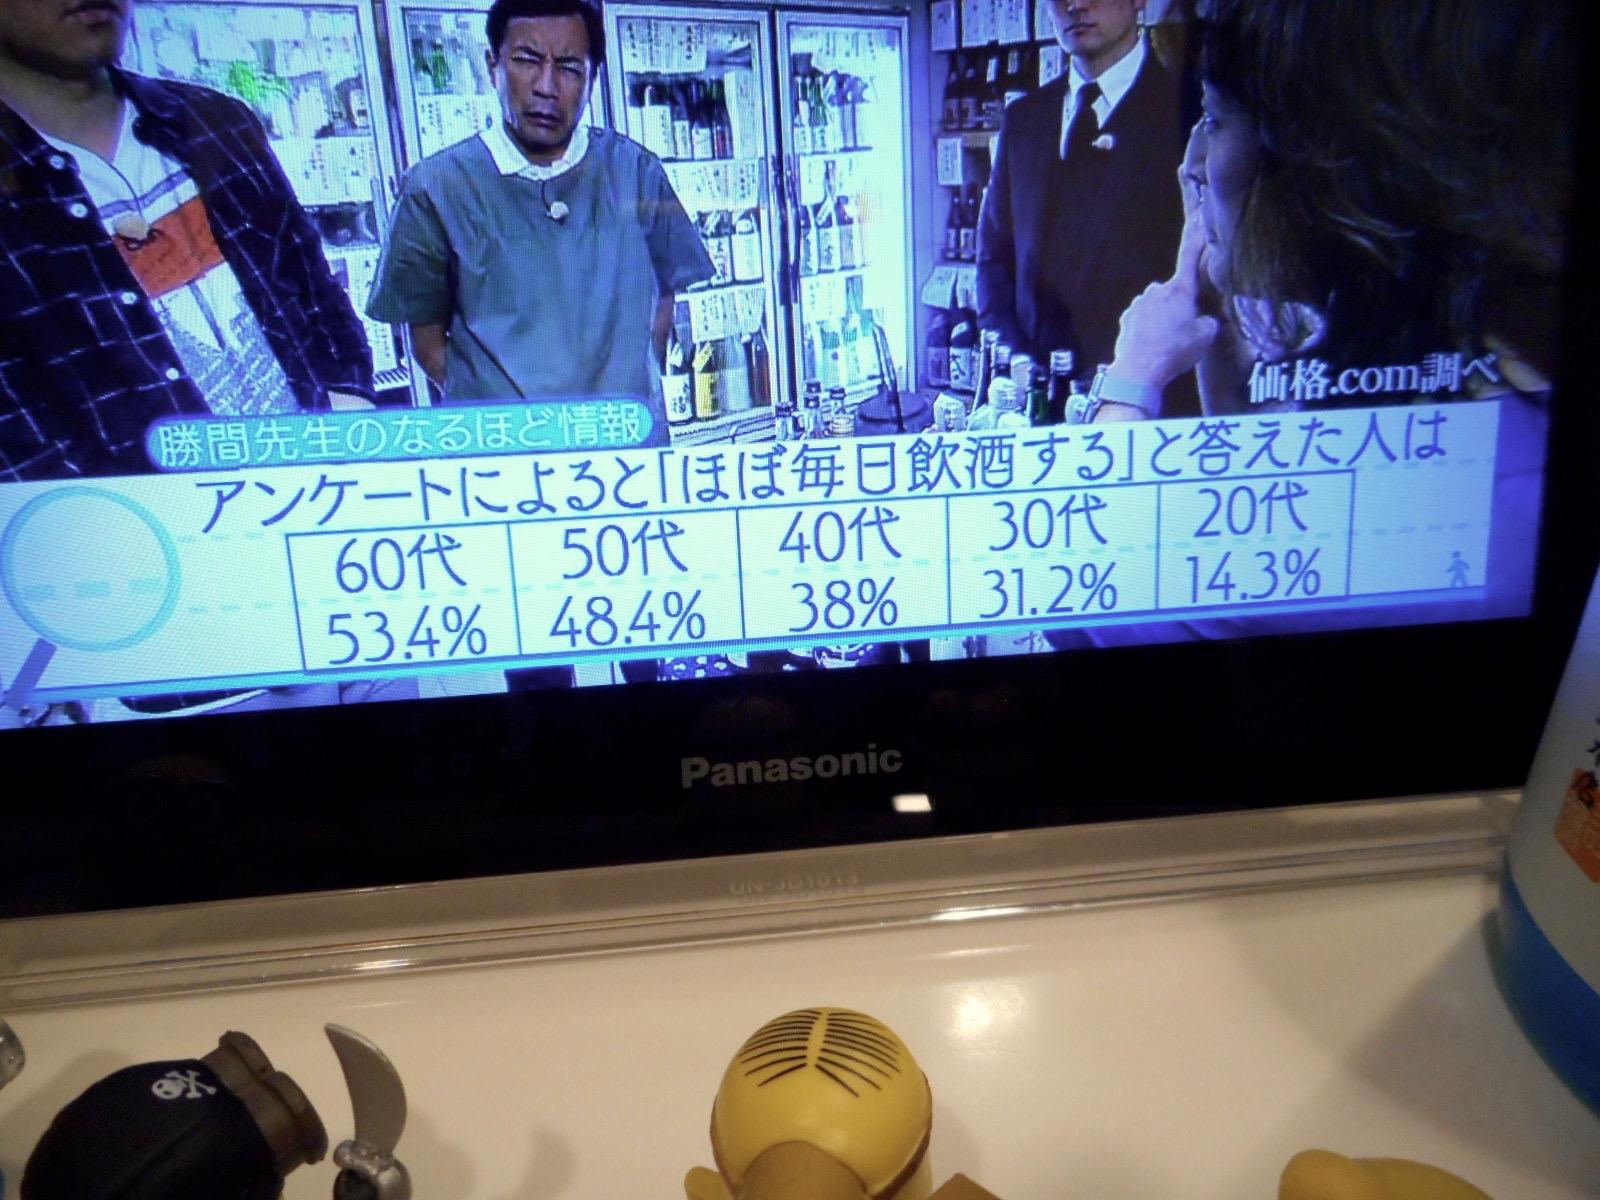 retsu_natsunama27by5.jpg